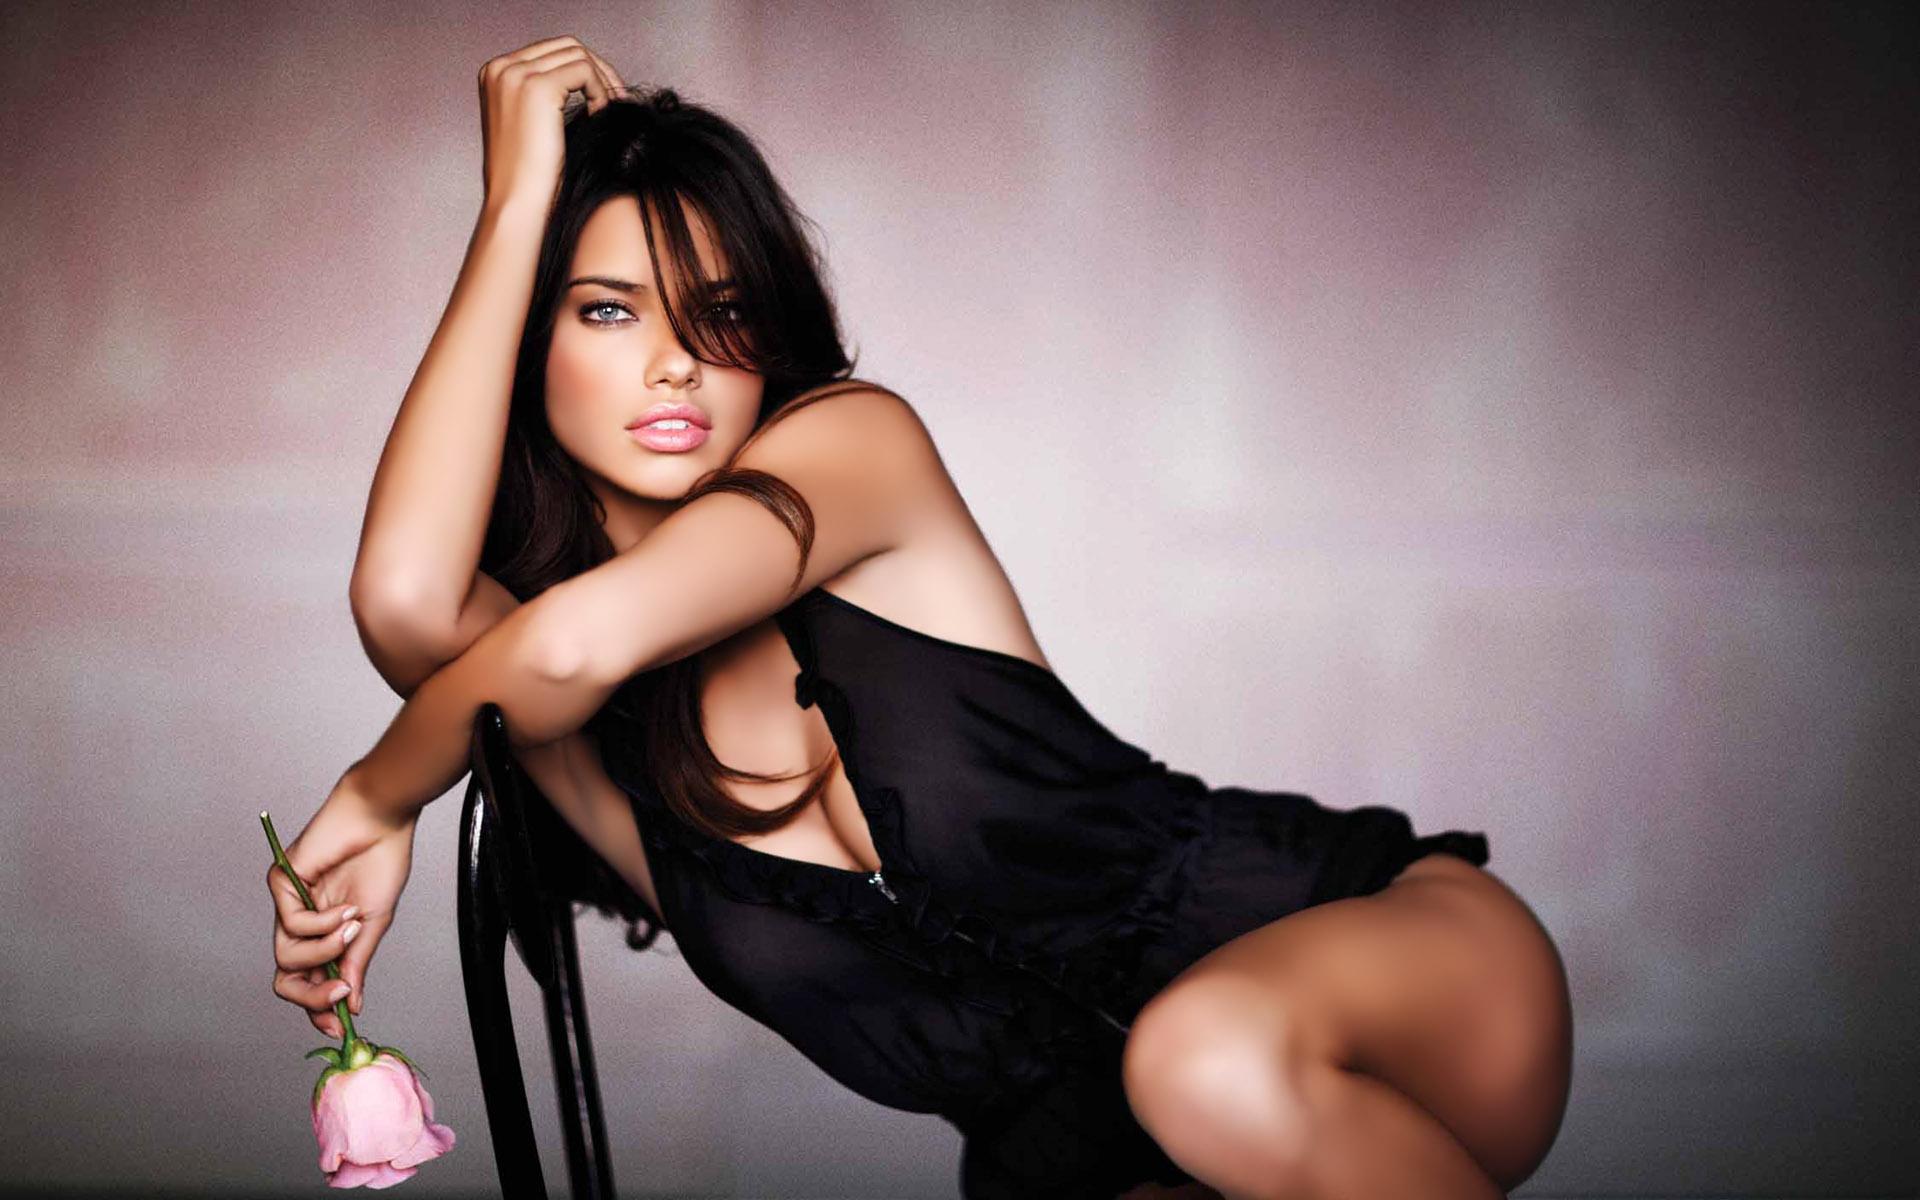 好莱坞 Hollywood 女明星高清美女宽屏壁纸